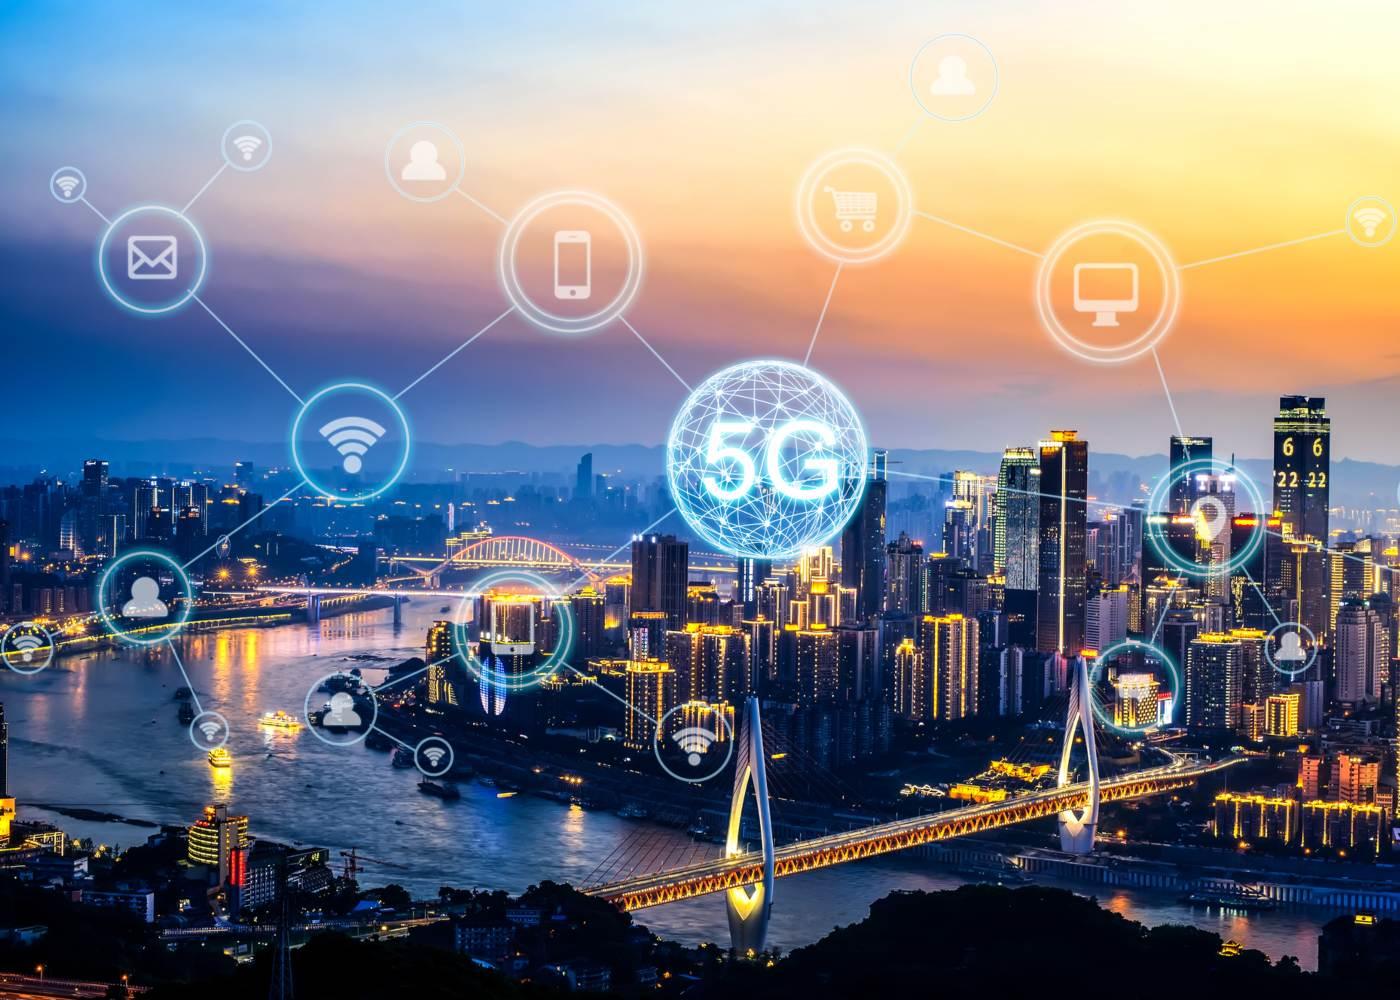 Cidade ligada pela rede 5G